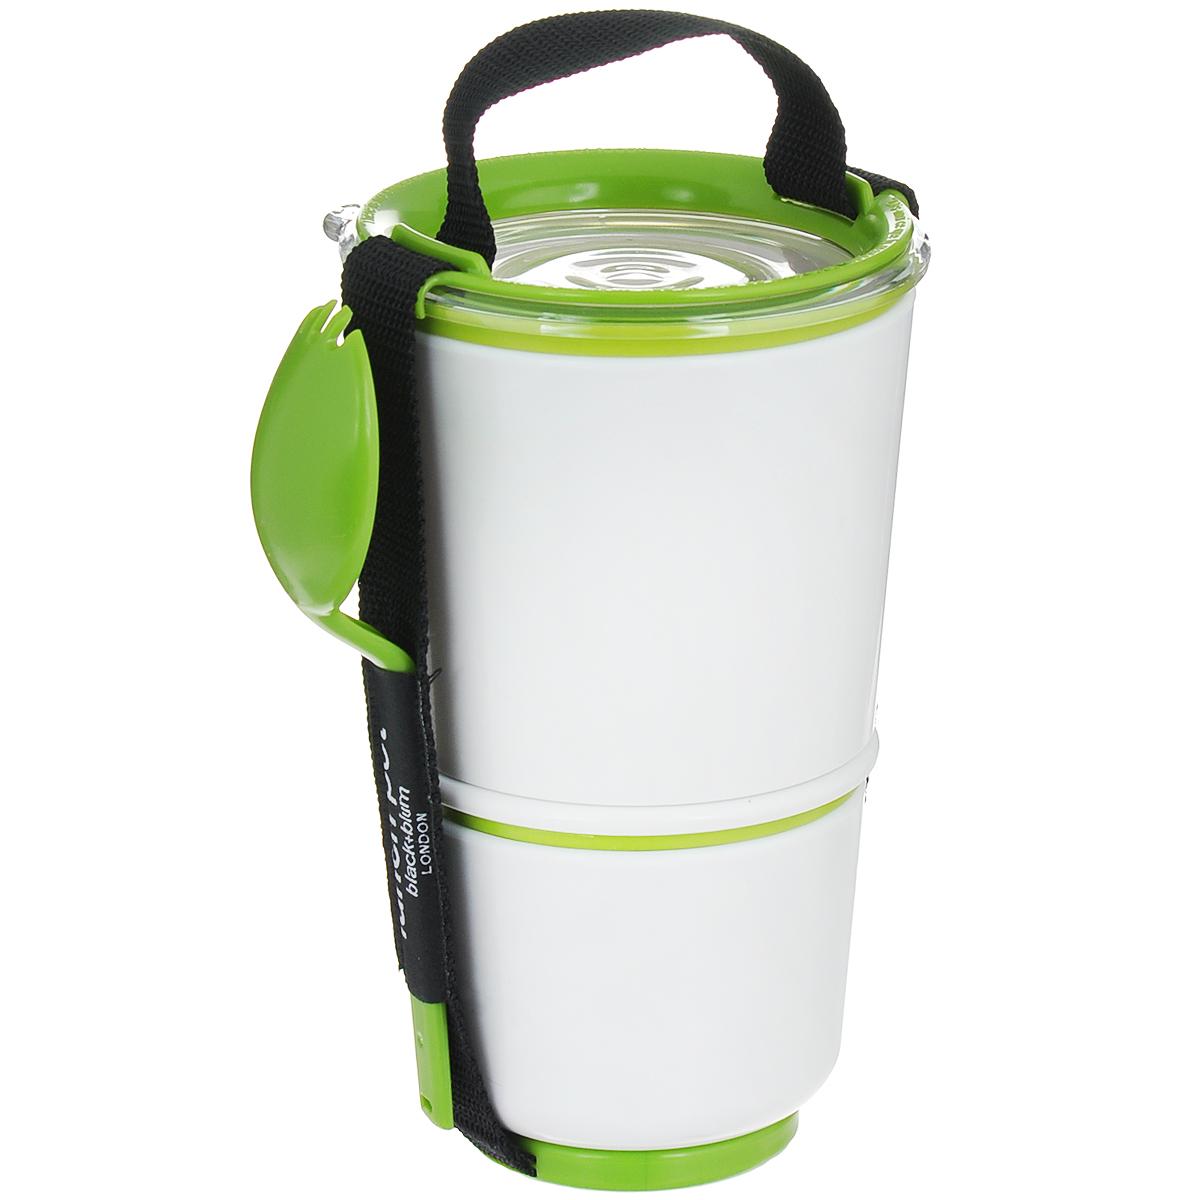 Ланч-бокс Black+Blum Lunch Pot, цвет: белый, зеленый, высота 19 смBP001Ланч-бокс Black+Blum Lunch Pot изготовлен из высококачественного пищевого пластика, устойчивого к нагреванию. Изделие представляет собой 2 круглых контейнера, предназначенных для хранения пищи и жидкости. Контейнеры оснащены герметичными крышками с надежной защитой от протечек, это позволяет взять с собой суп. В комплекте имеется текстильный ремешок с ручкой и пластиковая ложка-вилка.Благодаря компактным размерам, ланч-бокс поместится даже в дамскую сумочку, а также позволит взять с собой полноценный обед из первого и второго блюда.Можно использовать в микроволновой печи и мыть в посудомоечной машине.Страна бренда: Великобритания.Страна-изготовитель: Китай.